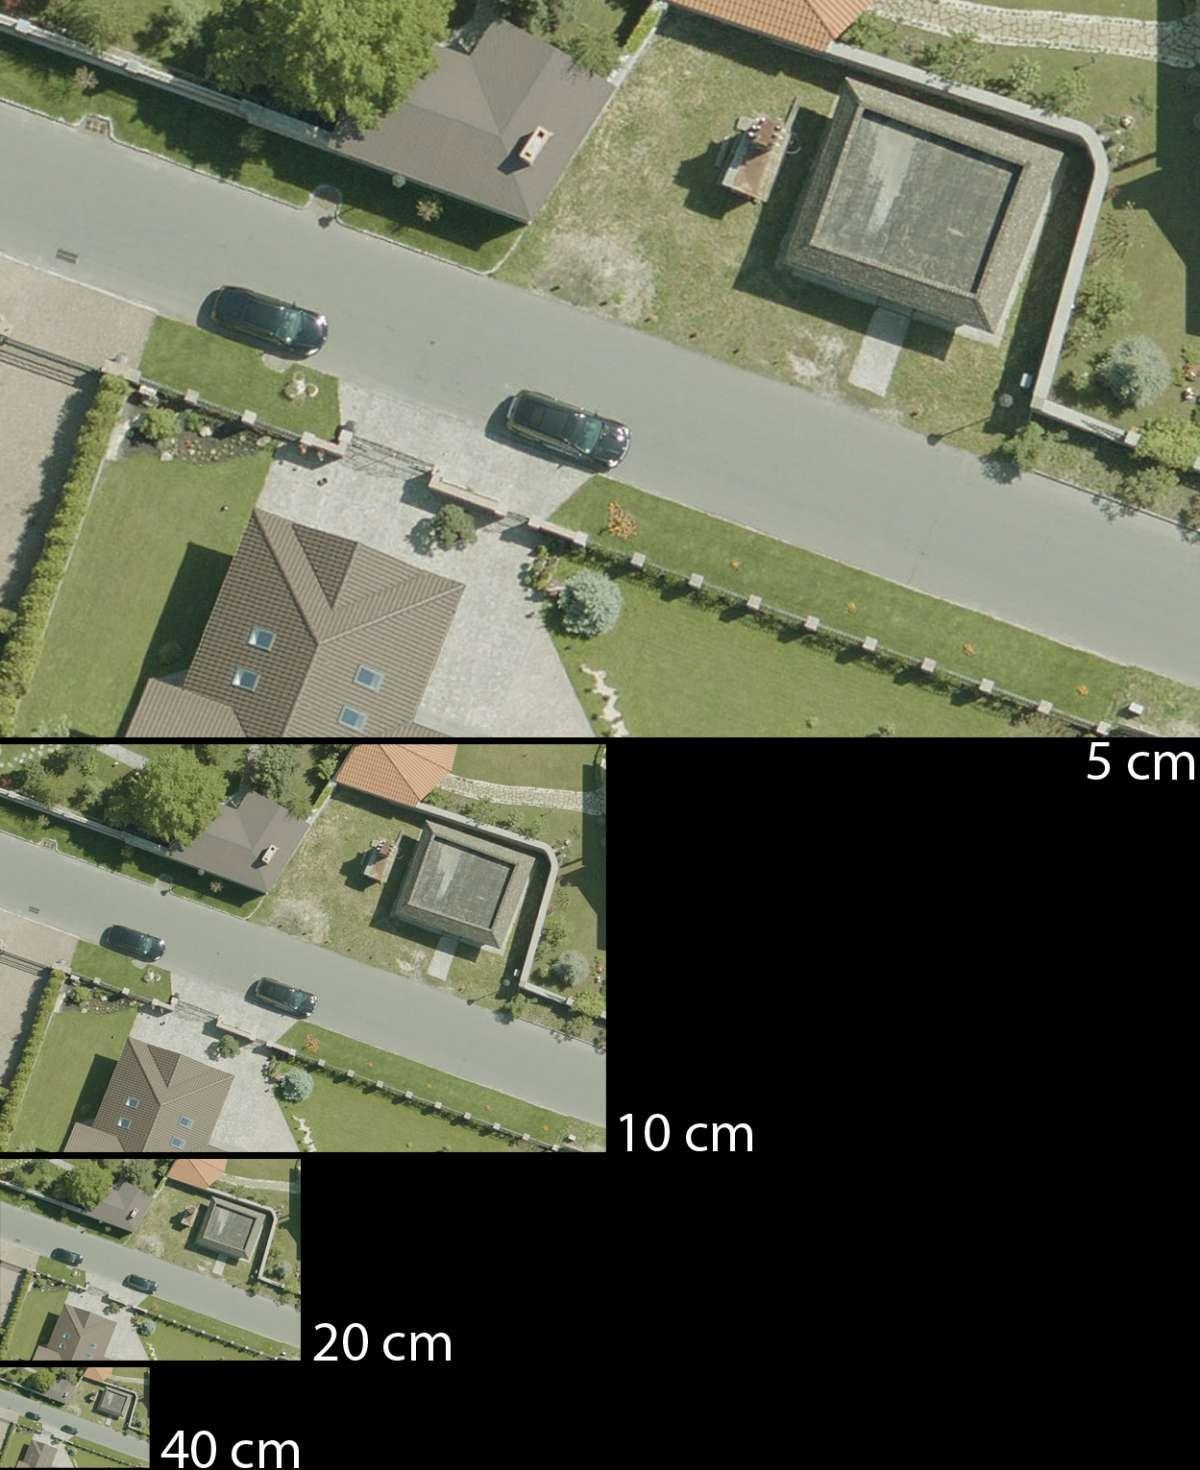 Что могут рассмотреть спутники-шпионы